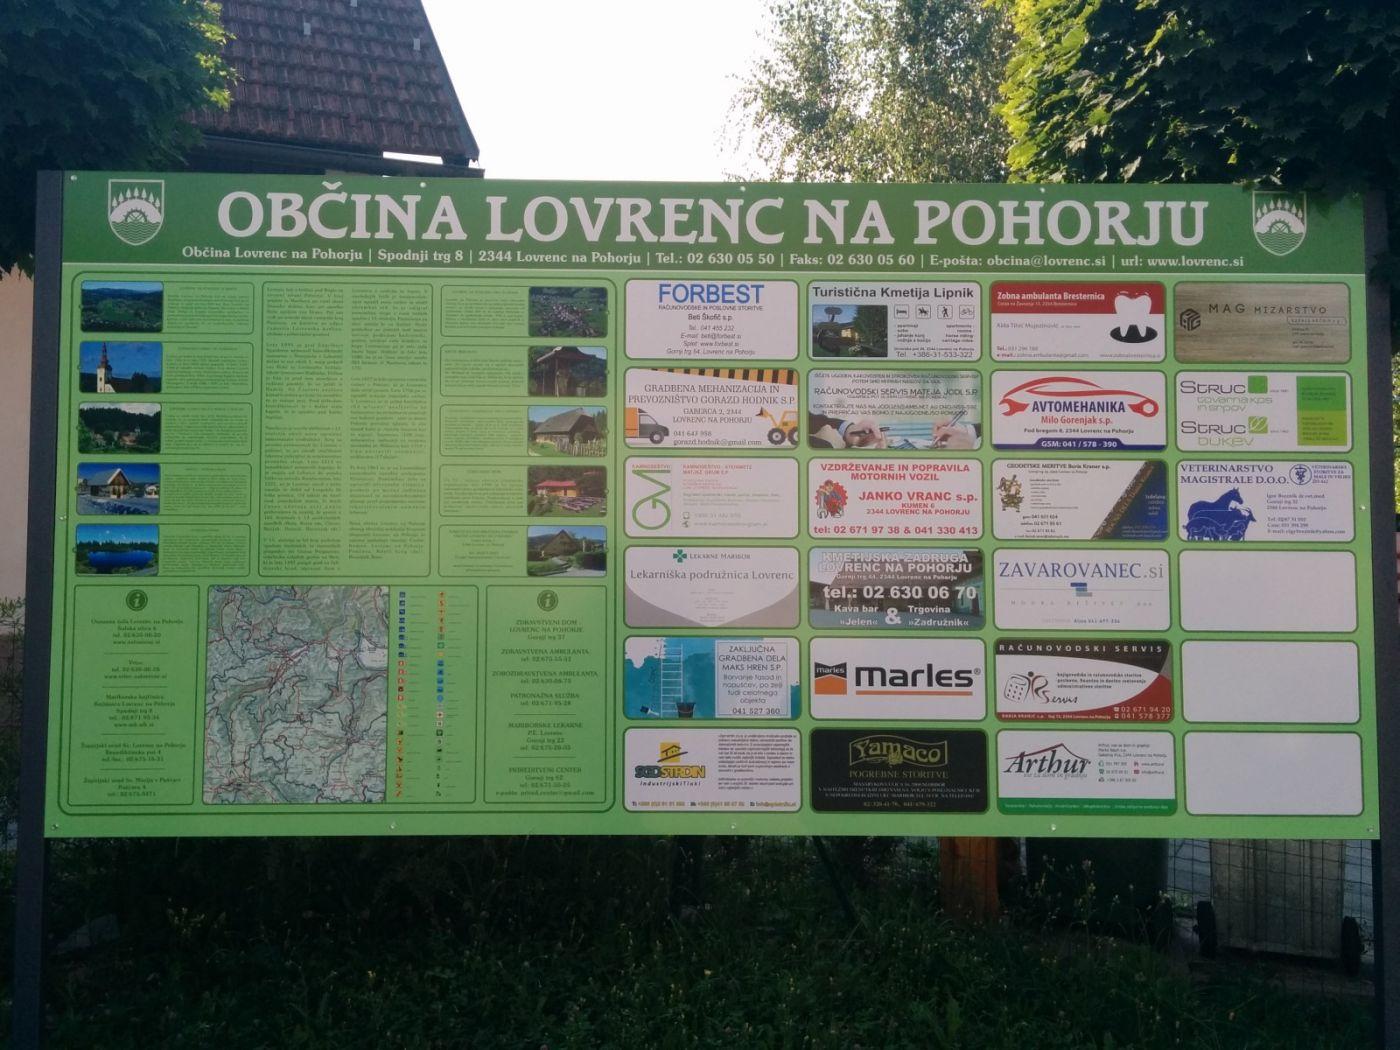 http://shramba.lovrenc.net/anzej/klepet/itabla.jpg